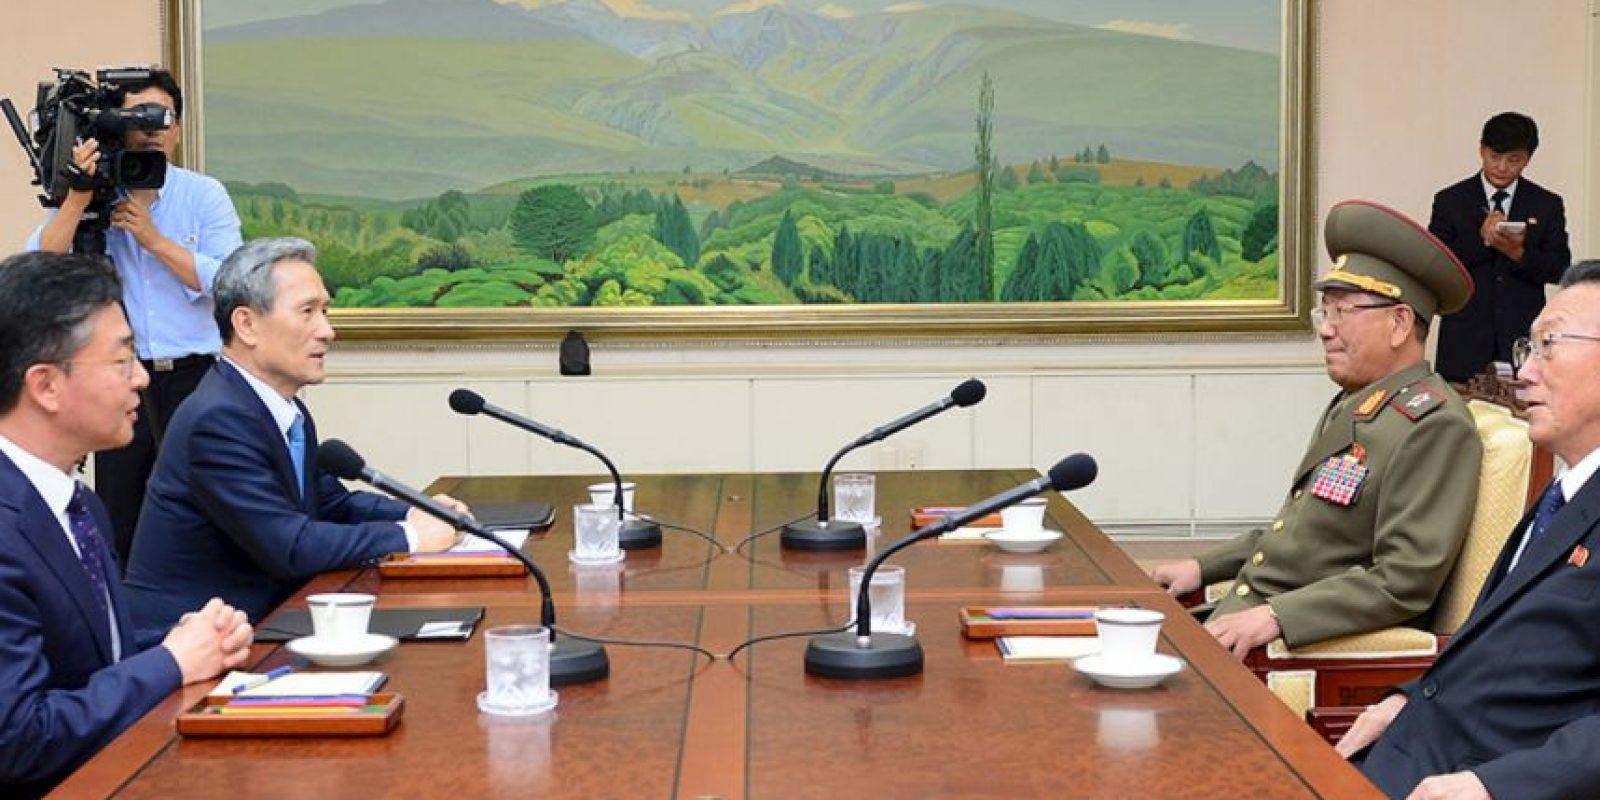 Los dos países rivales iniciaron negociaciones desde el sábado para intentar calmar la situación. Foto:AFP